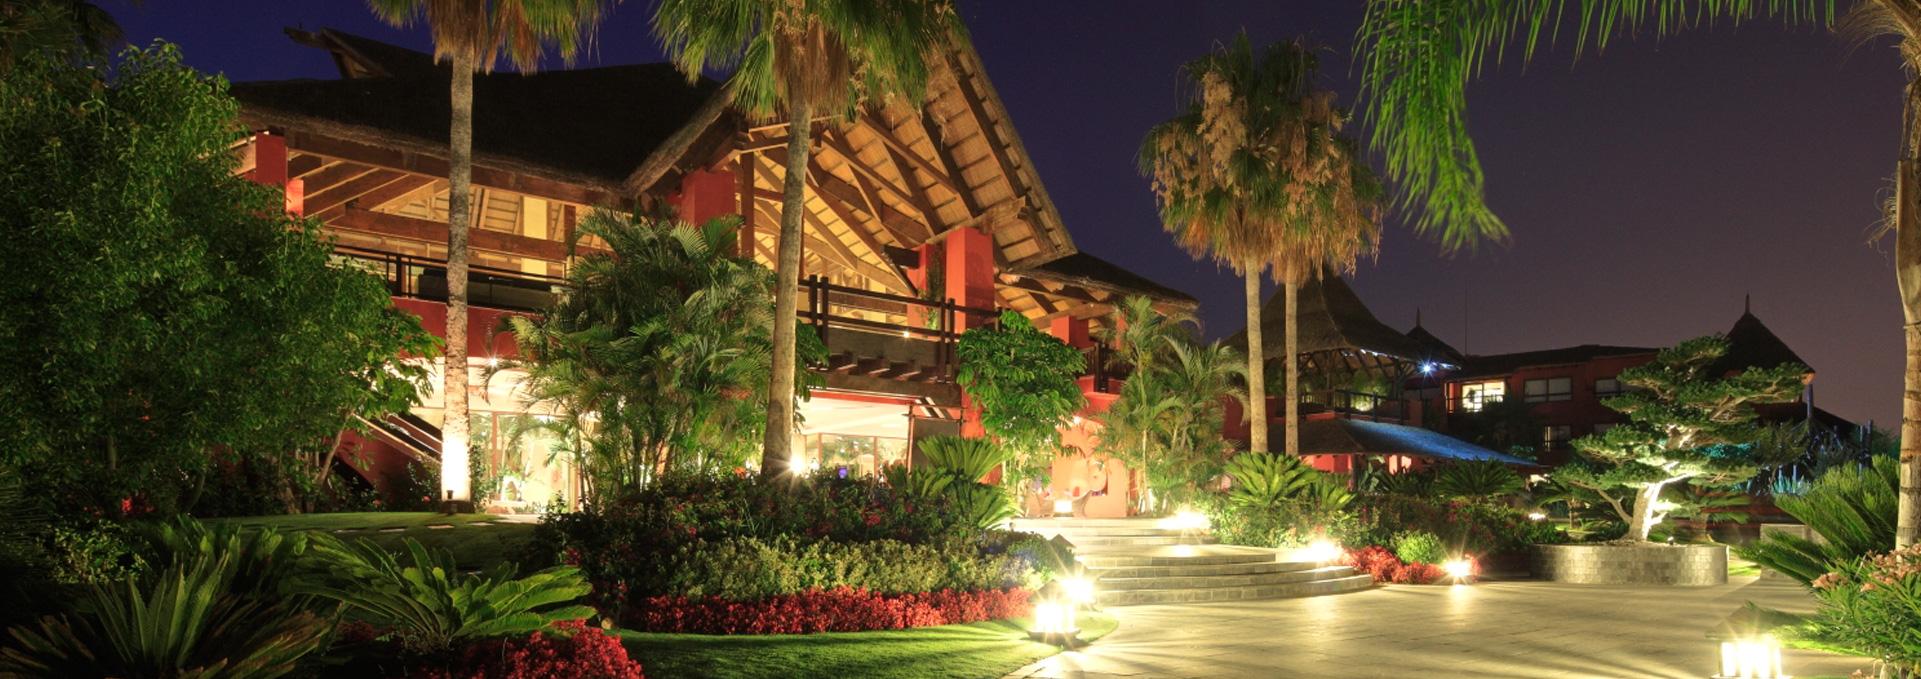 alicante hoteles de lujo